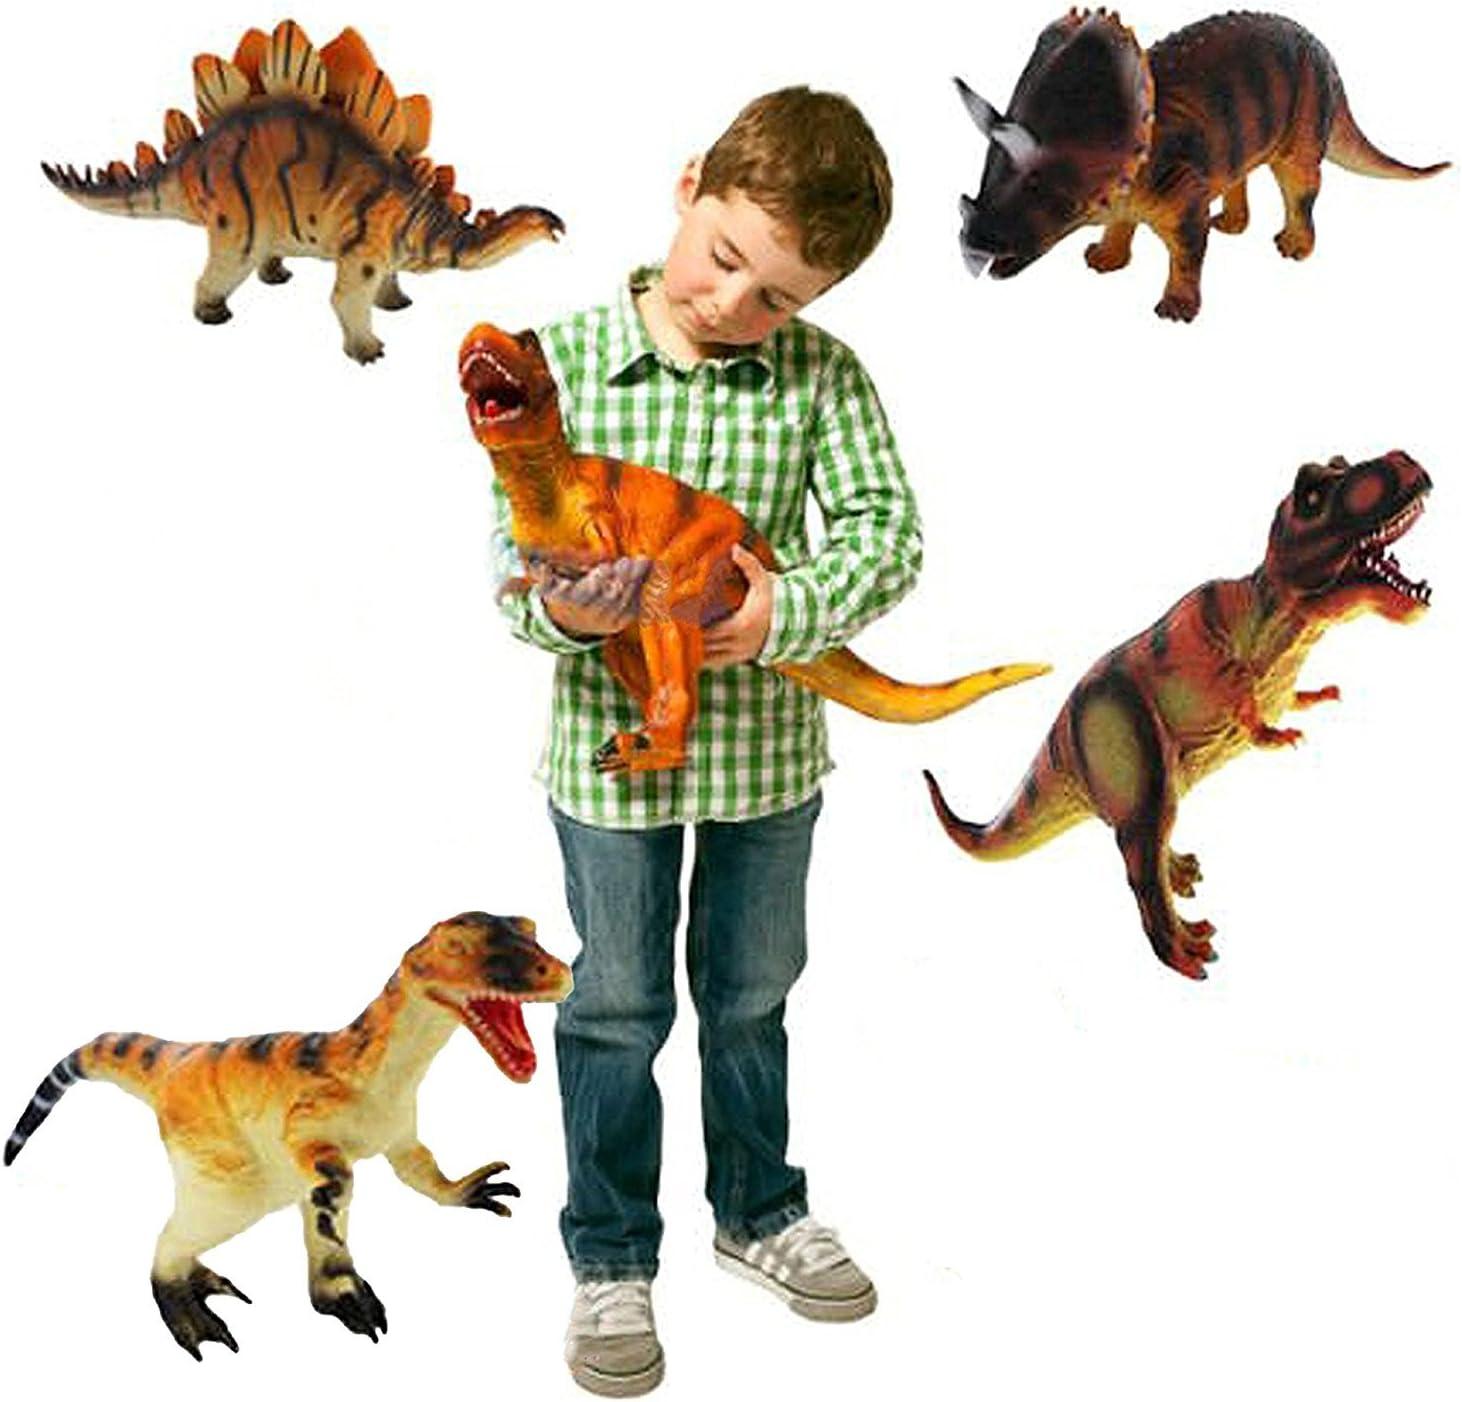 Grandes Dinosaurios Plasticas Animales Para Ninos Figura De Juguete Aleatoria 1 Pieza Toy Amazon Es Juguetes Y Juegos Los dinosaurios están muy bien conseguidos y destacan por ser bastante grandes a pesar de su precio, concretamente miden 18 cm, perfectos para que tu hijo se lo pueda pasar realmente bien imaginando aventuras. grandes dinosaurios plasticas animales para ninos figura de juguete aleatoria 1 pieza toy